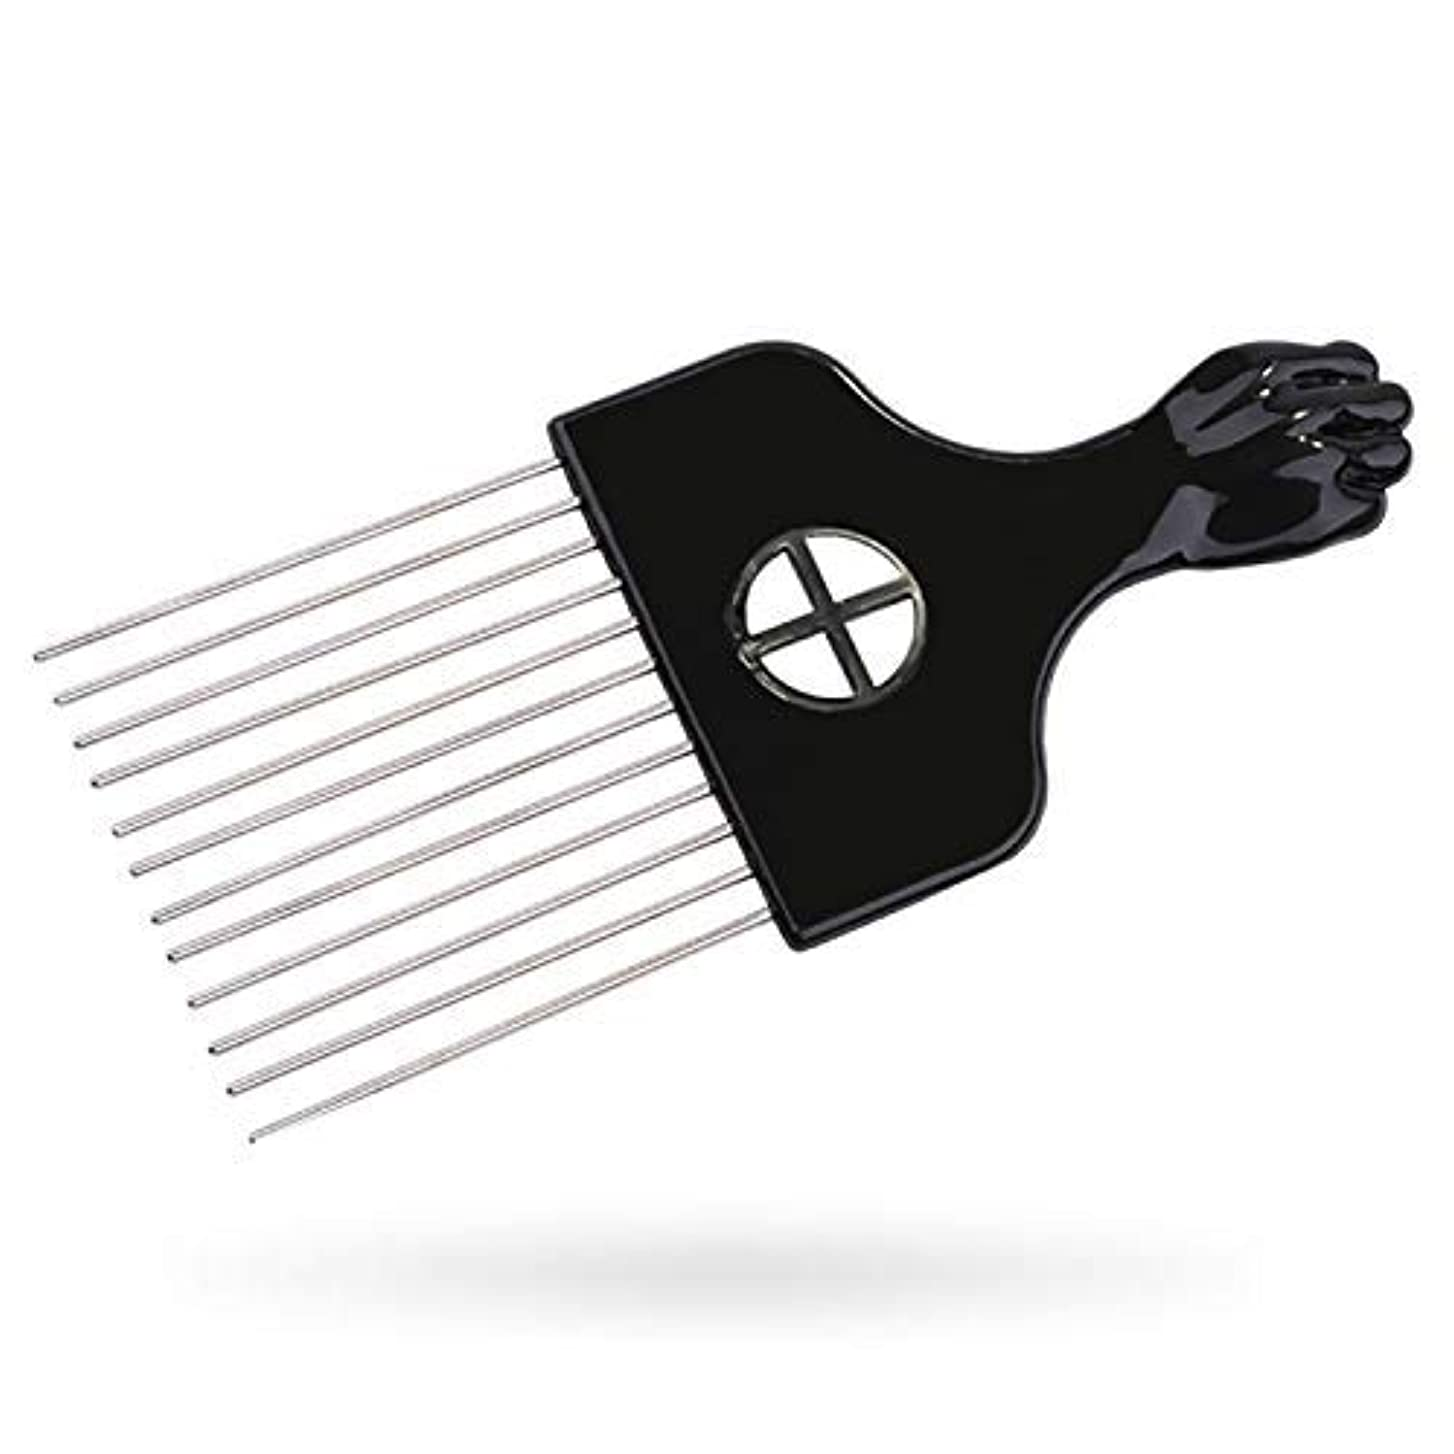 ショップ汚染雪Afro Pick, Hair Pick, Metal Pick Comb, Detangle Wig Braid Hair Styling Comb, Hair Brush(1 pack) [並行輸入品]